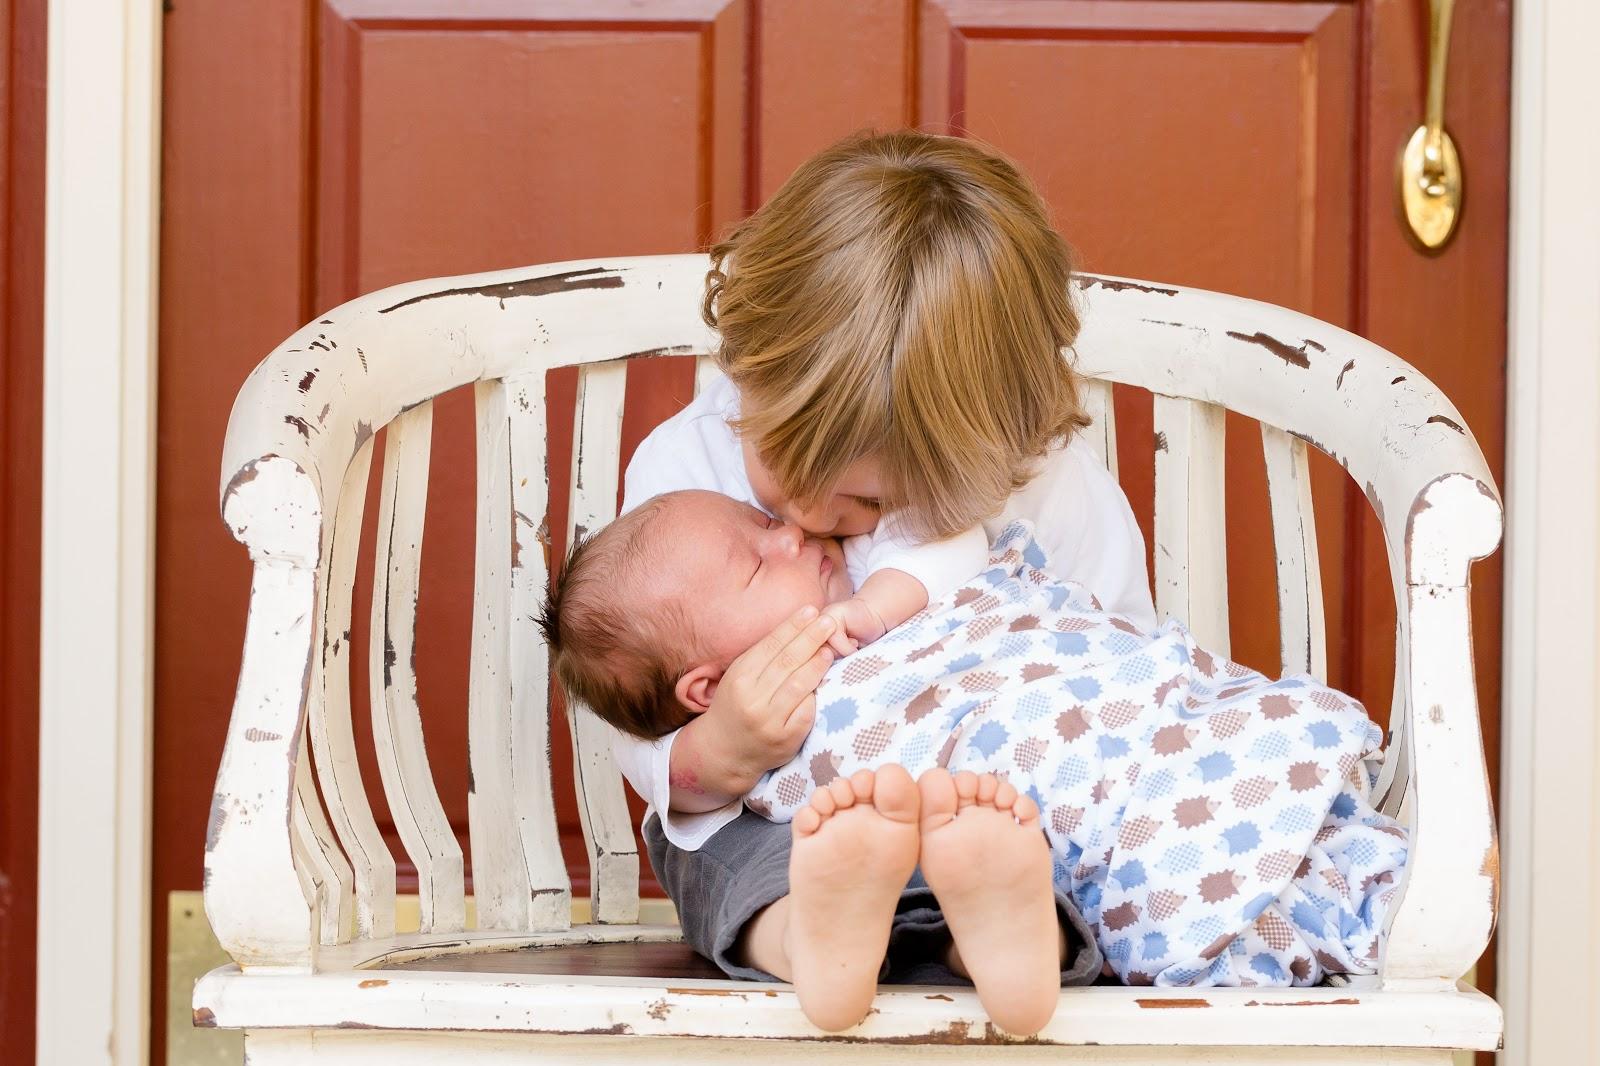 新生児の弟を抱っこして顔を近付ける少年の兄